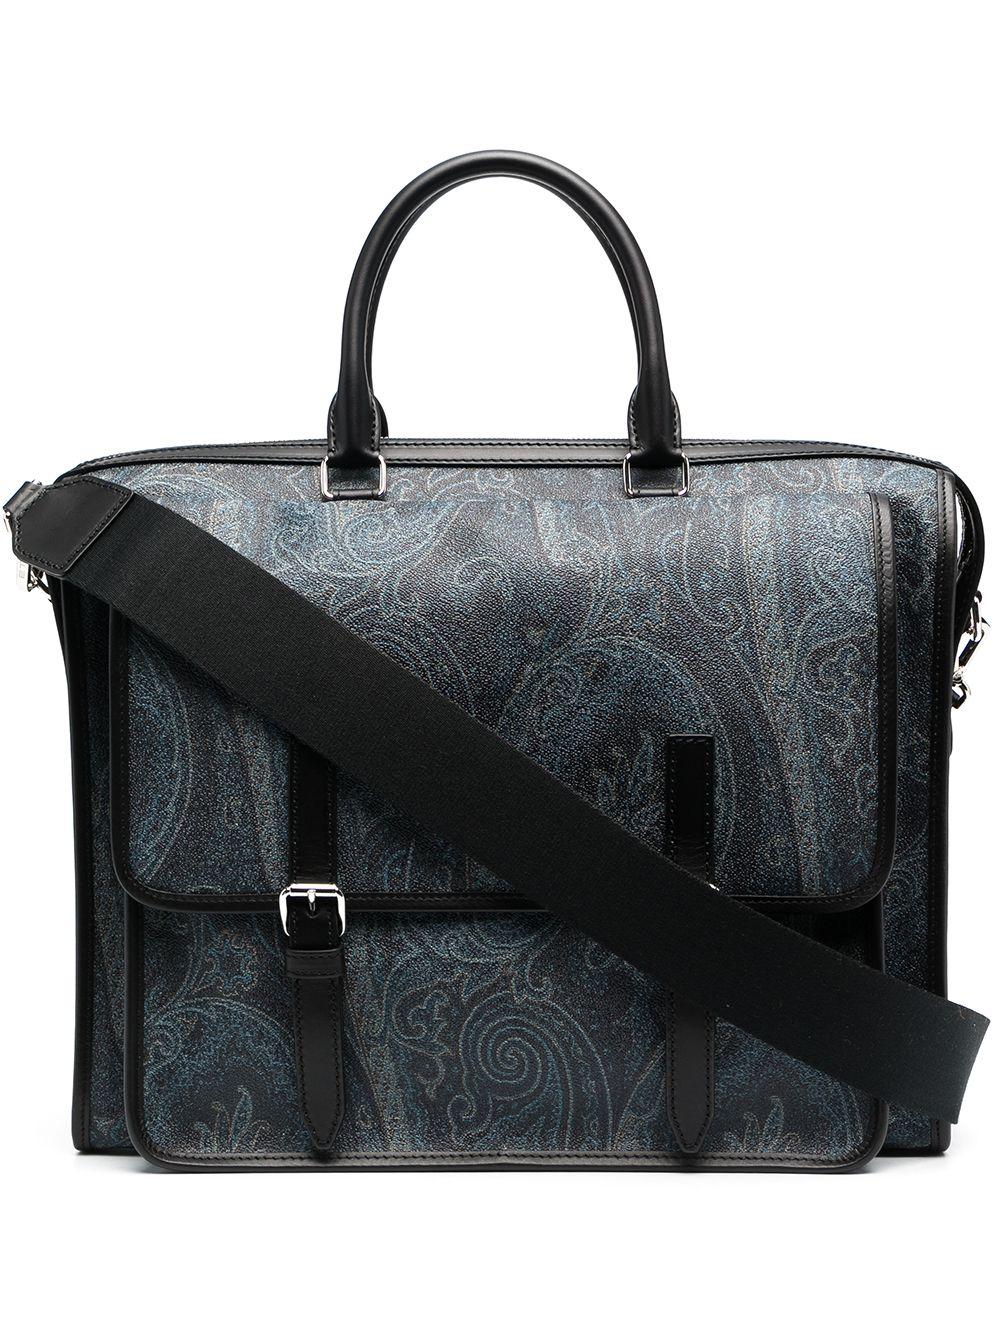 Etro Laptoptasche mit Paisley-Print - Blau